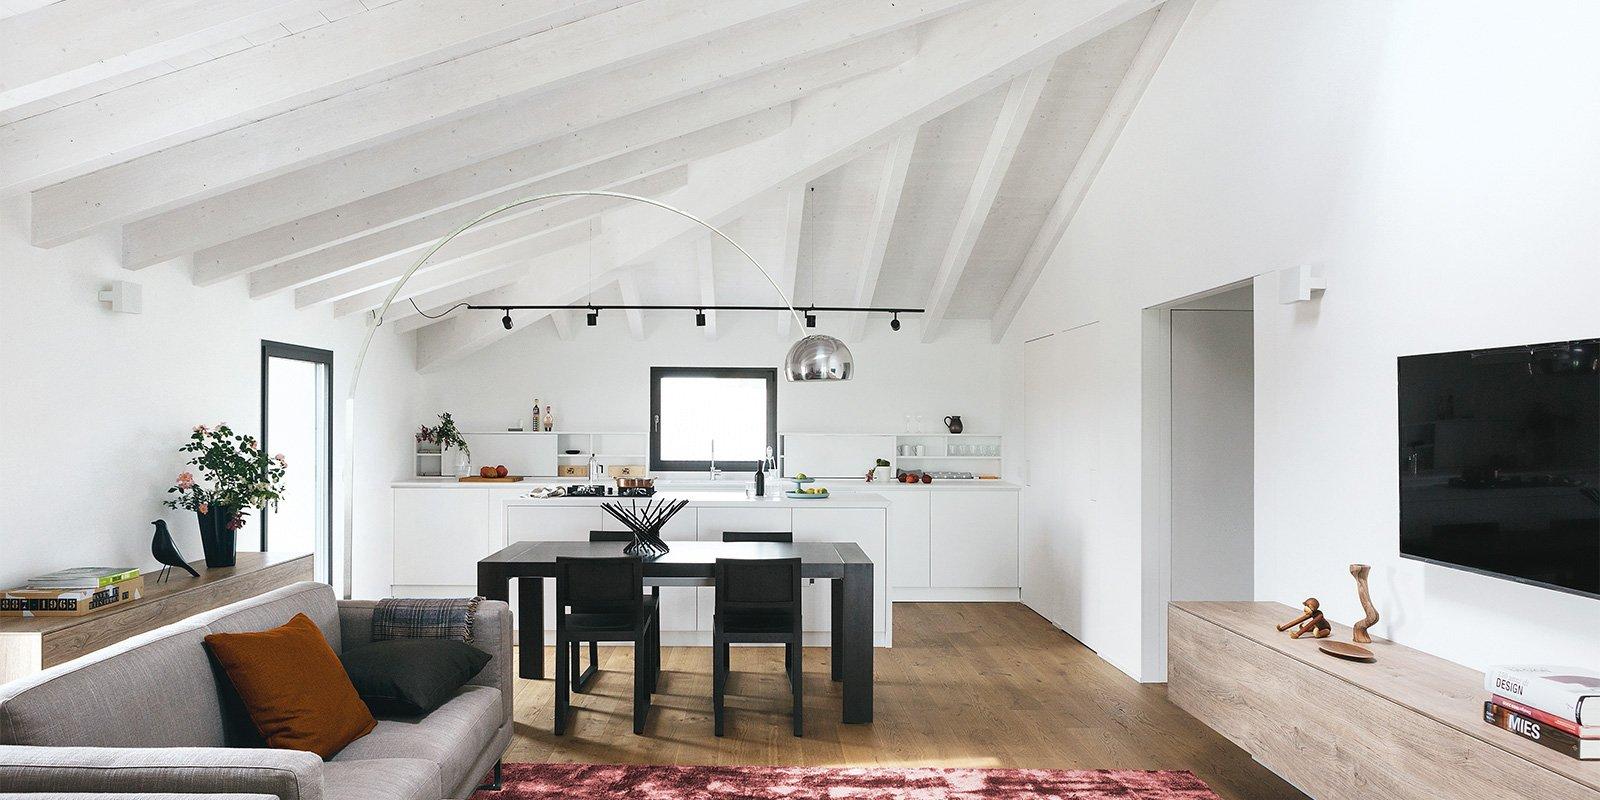 98 mq spazio moltiplicato dalla luce nel sottotetto della for Rivista di design e produzione di mobili